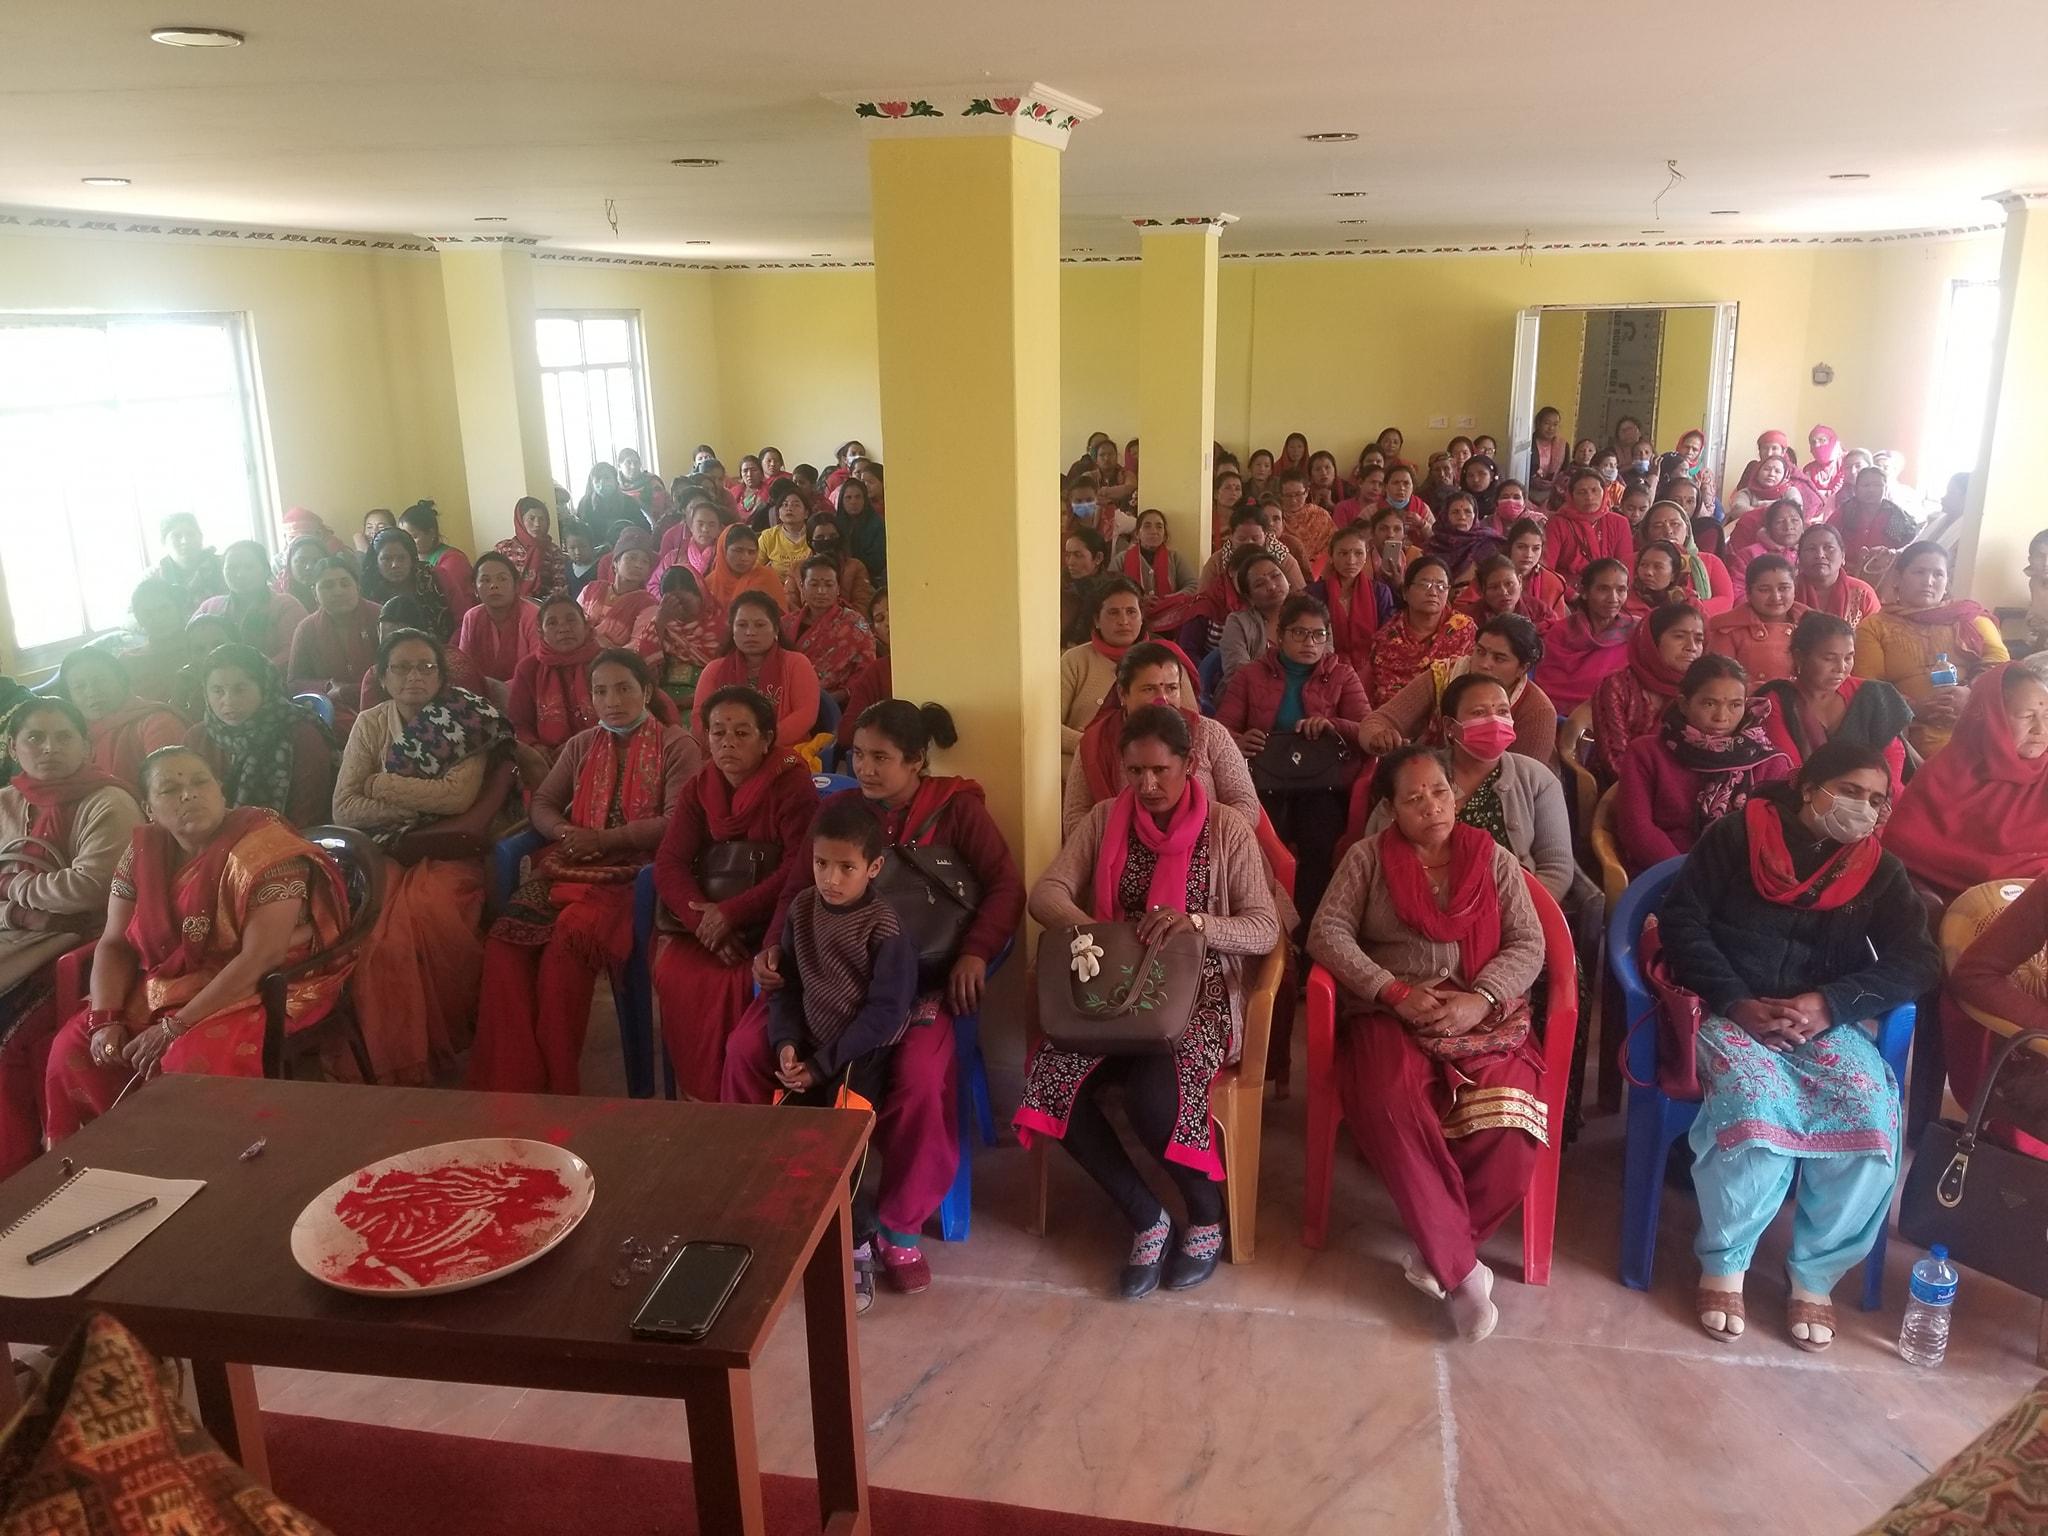 नेपाल कम्युनिष्ट पार्टी नेकपा केपि शर्मा ओली निकट अखिल नेपाल महिला संघको जिल्ला भेला सम्पन्न : १५१ सदस्यीय सम्मेलन आयोजक समिति गठन